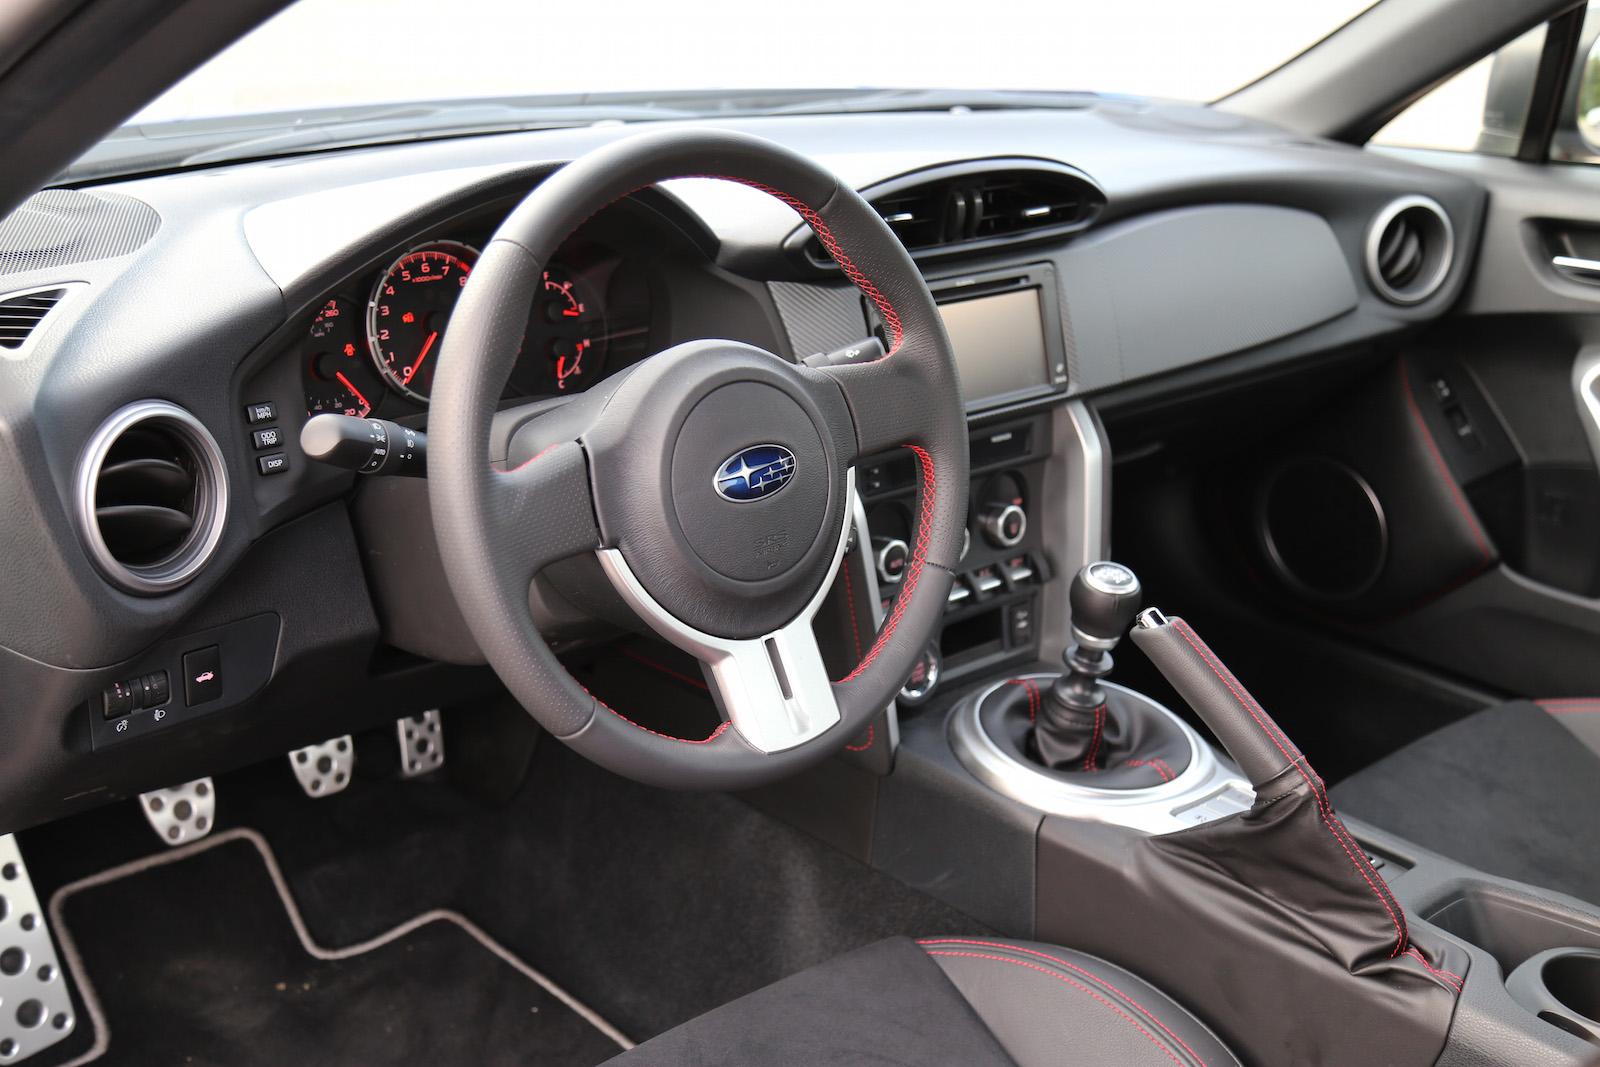 Comparison Review 2016 Subaru Brz Vs 2015 Ford Focus St Canadian